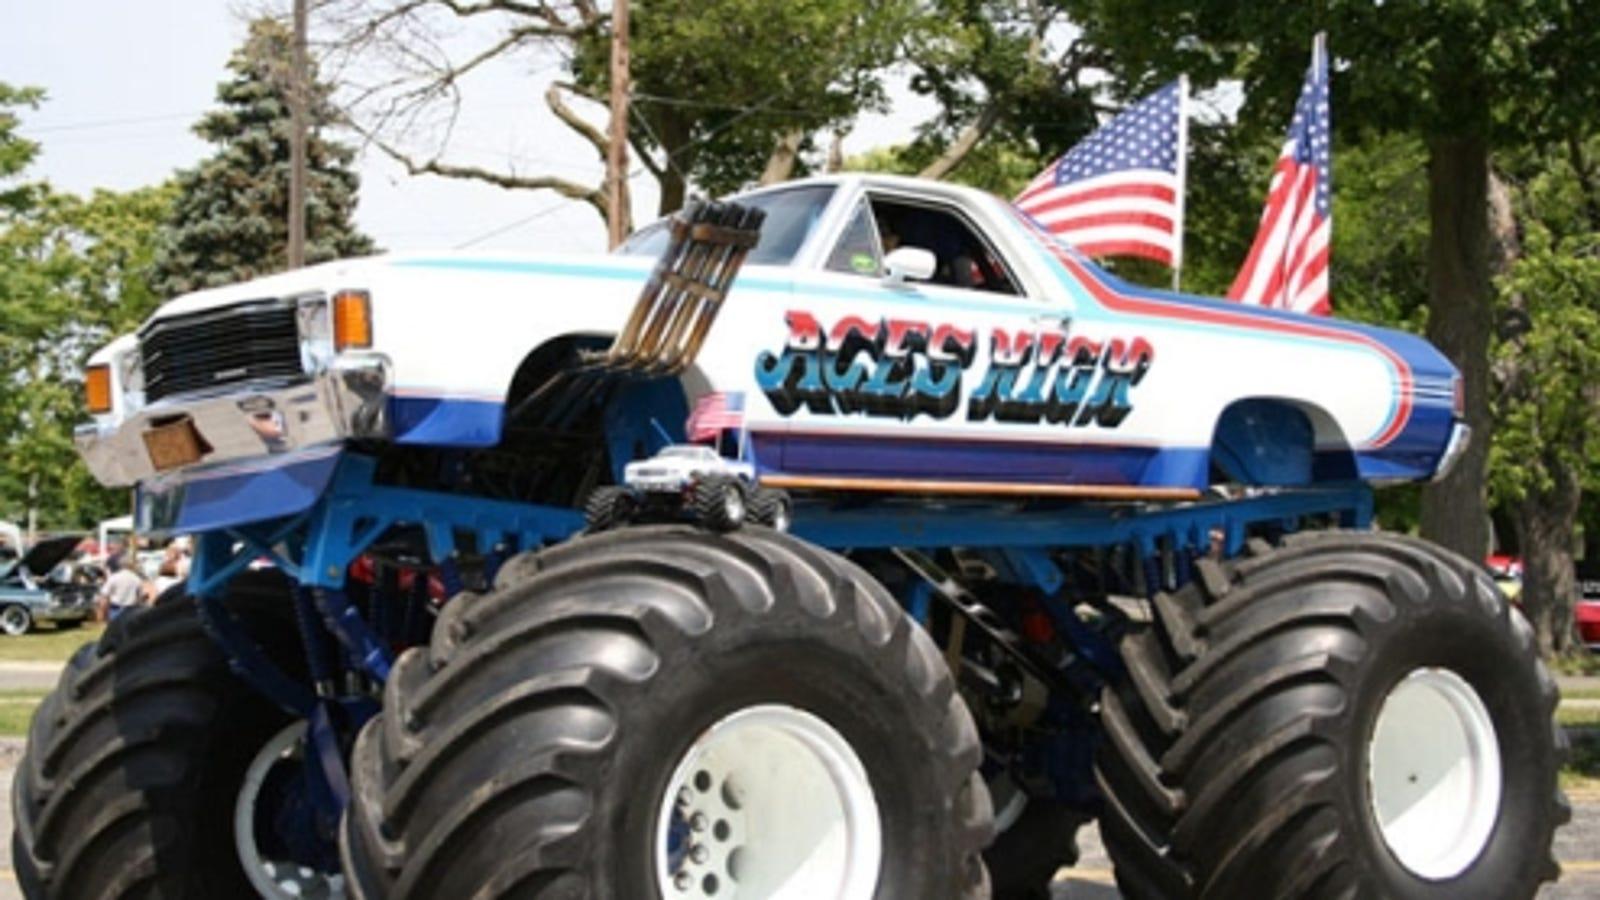 Chevy Trucks Com >> Biggest El Camino Ever? Aces High Monster Truck-Car